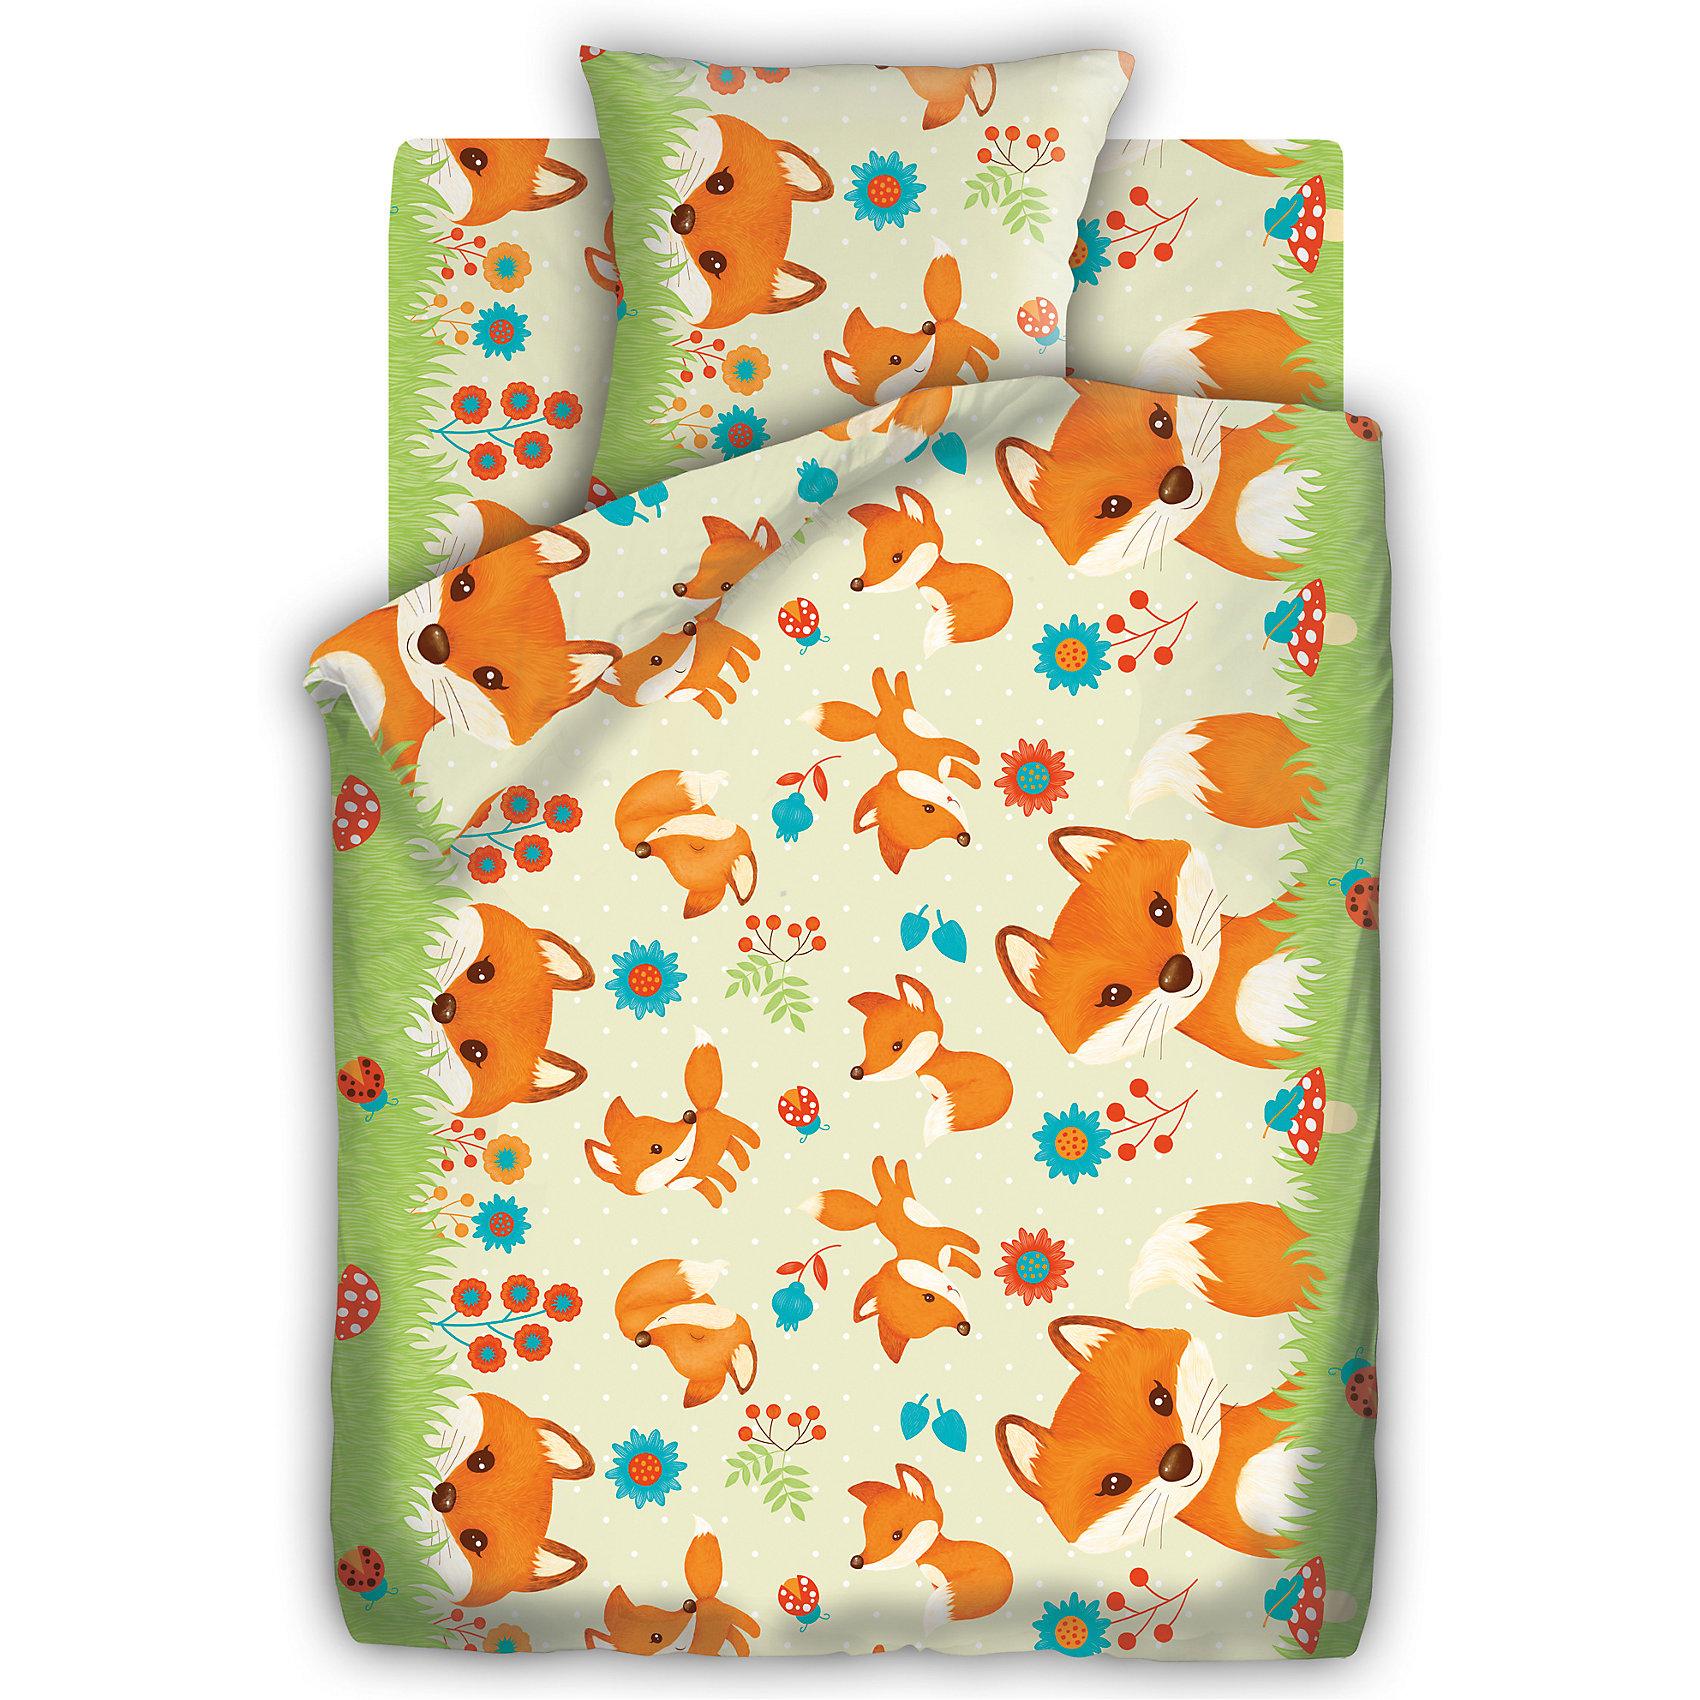 Детский комплект Лисята, Кошки-мышкиС комплектом постельного белья Лисята, Кошки-мышки, Ваш малыш с удовольствием будет укладываться в свою кроватку и видеть чудесные сказочные сны. Красочный комплект украшен изображениями забавных рыжих лисят и яркими цветочками. Материал представляет собой<br>качественную плотную бязь, очень комфортную и приятную на ощупь. Ткань отвечает всем экологическим нормам безопасности, дышащая, гипоаллергенная, не нарушает естественные процессы терморегуляции. При стирке белье не линяет, не деформируется и не теряет своих<br>красок даже после многочисленных стирок.<br><br>Дополнительная информация:<br><br>- В комплекте: 1 наволочка, 1 пододеяльник и 1 простыня.<br>- Тип ткани: бязь (100% хлопок).<br>- Плотность ткани: 100 г/м.<br>- Размер пододеяльника: 147 х 112 см.<br>- Размер наволочки: 40 х 60 см.<br>- Размер простыни: 150 х 110 см.<br>- Размер упаковки: 33 х 6 х 22 см.<br>- Вес: 0,8 кг. <br><br>Детский комплект Лисята, Кошки-мышки, можно приобрести в нашем интернет-магазине.<br><br>Ширина мм: 200<br>Глубина мм: 60<br>Высота мм: 280<br>Вес г: 800<br>Возраст от месяцев: 0<br>Возраст до месяцев: 72<br>Пол: Унисекс<br>Возраст: Детский<br>SKU: 4463255